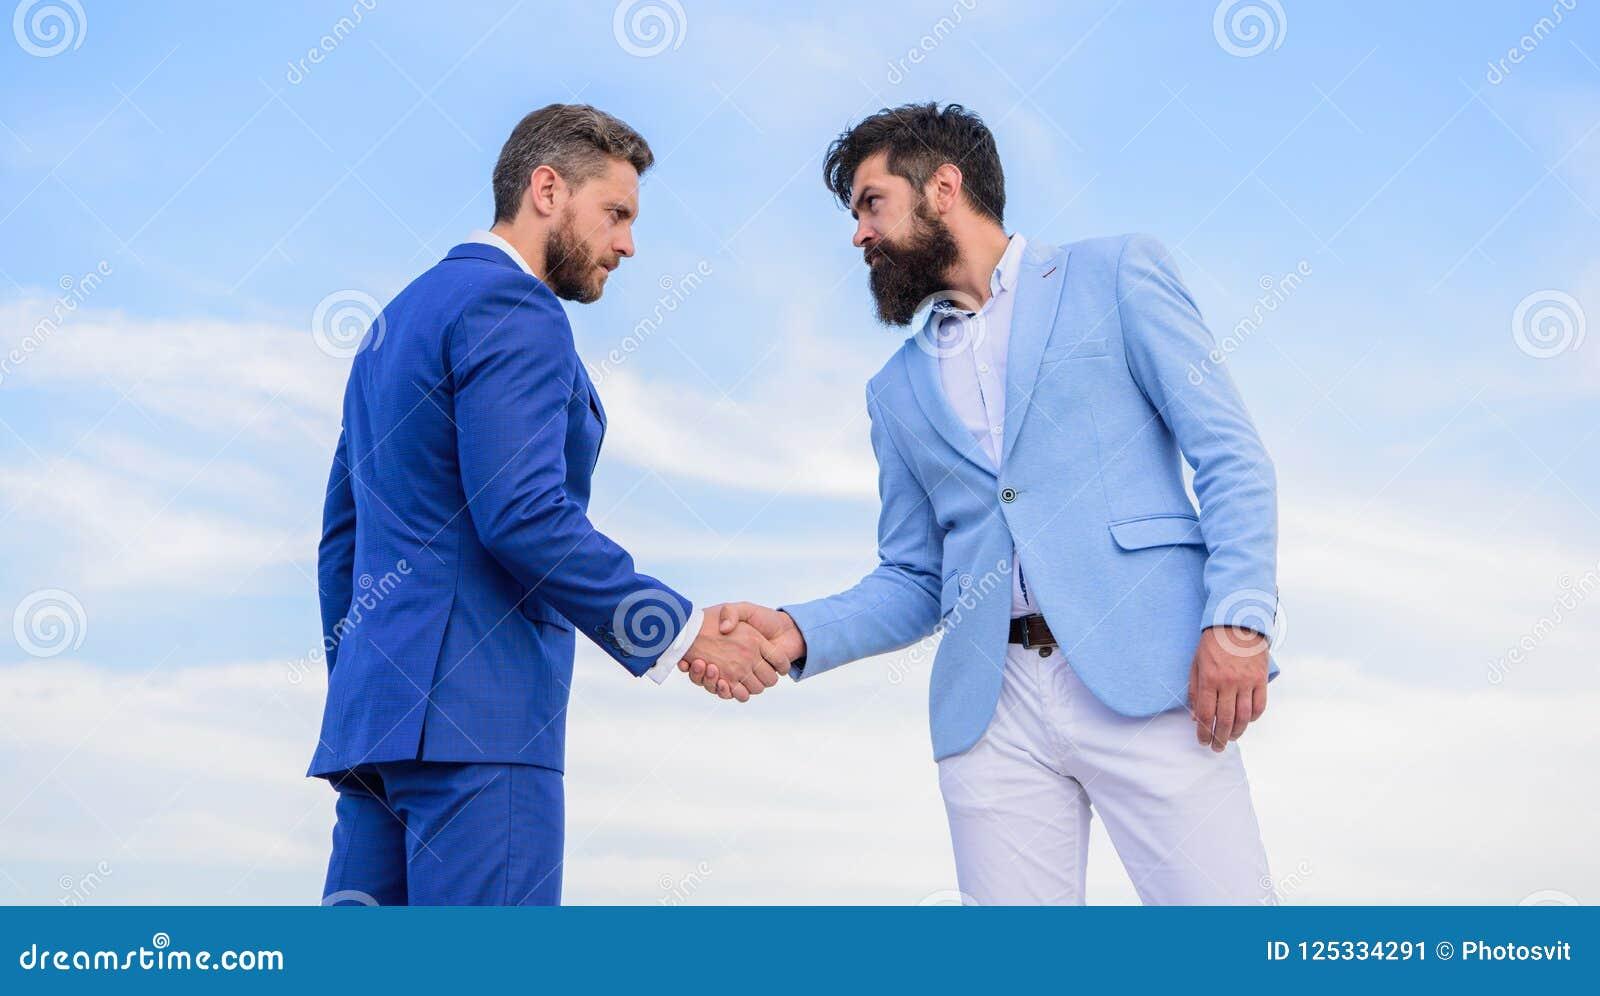 Transakcja biznesowa zatwierdzająca akceptującą oba partnerami Przedsiębiorcy trząść ręka symbolu pomyślną transakcję Pewny znak